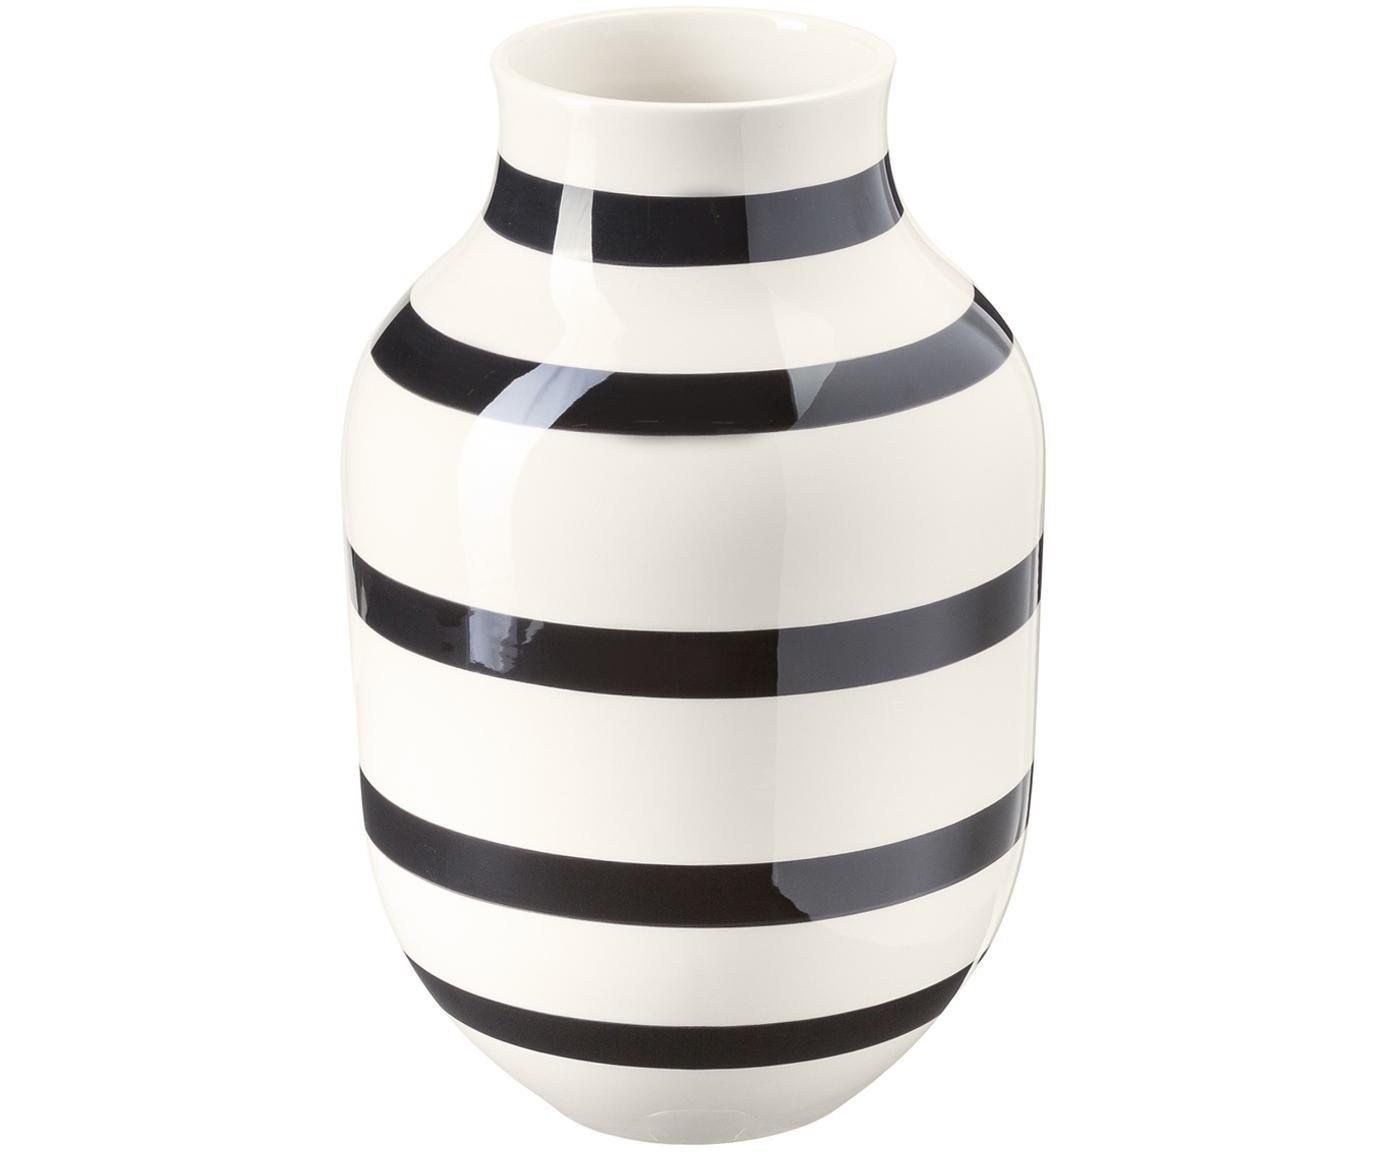 Grosse handgefertigte Design-Vase Omaggio, Keramik, Schwarz, Weiss, Ø 20 x H 31 cm